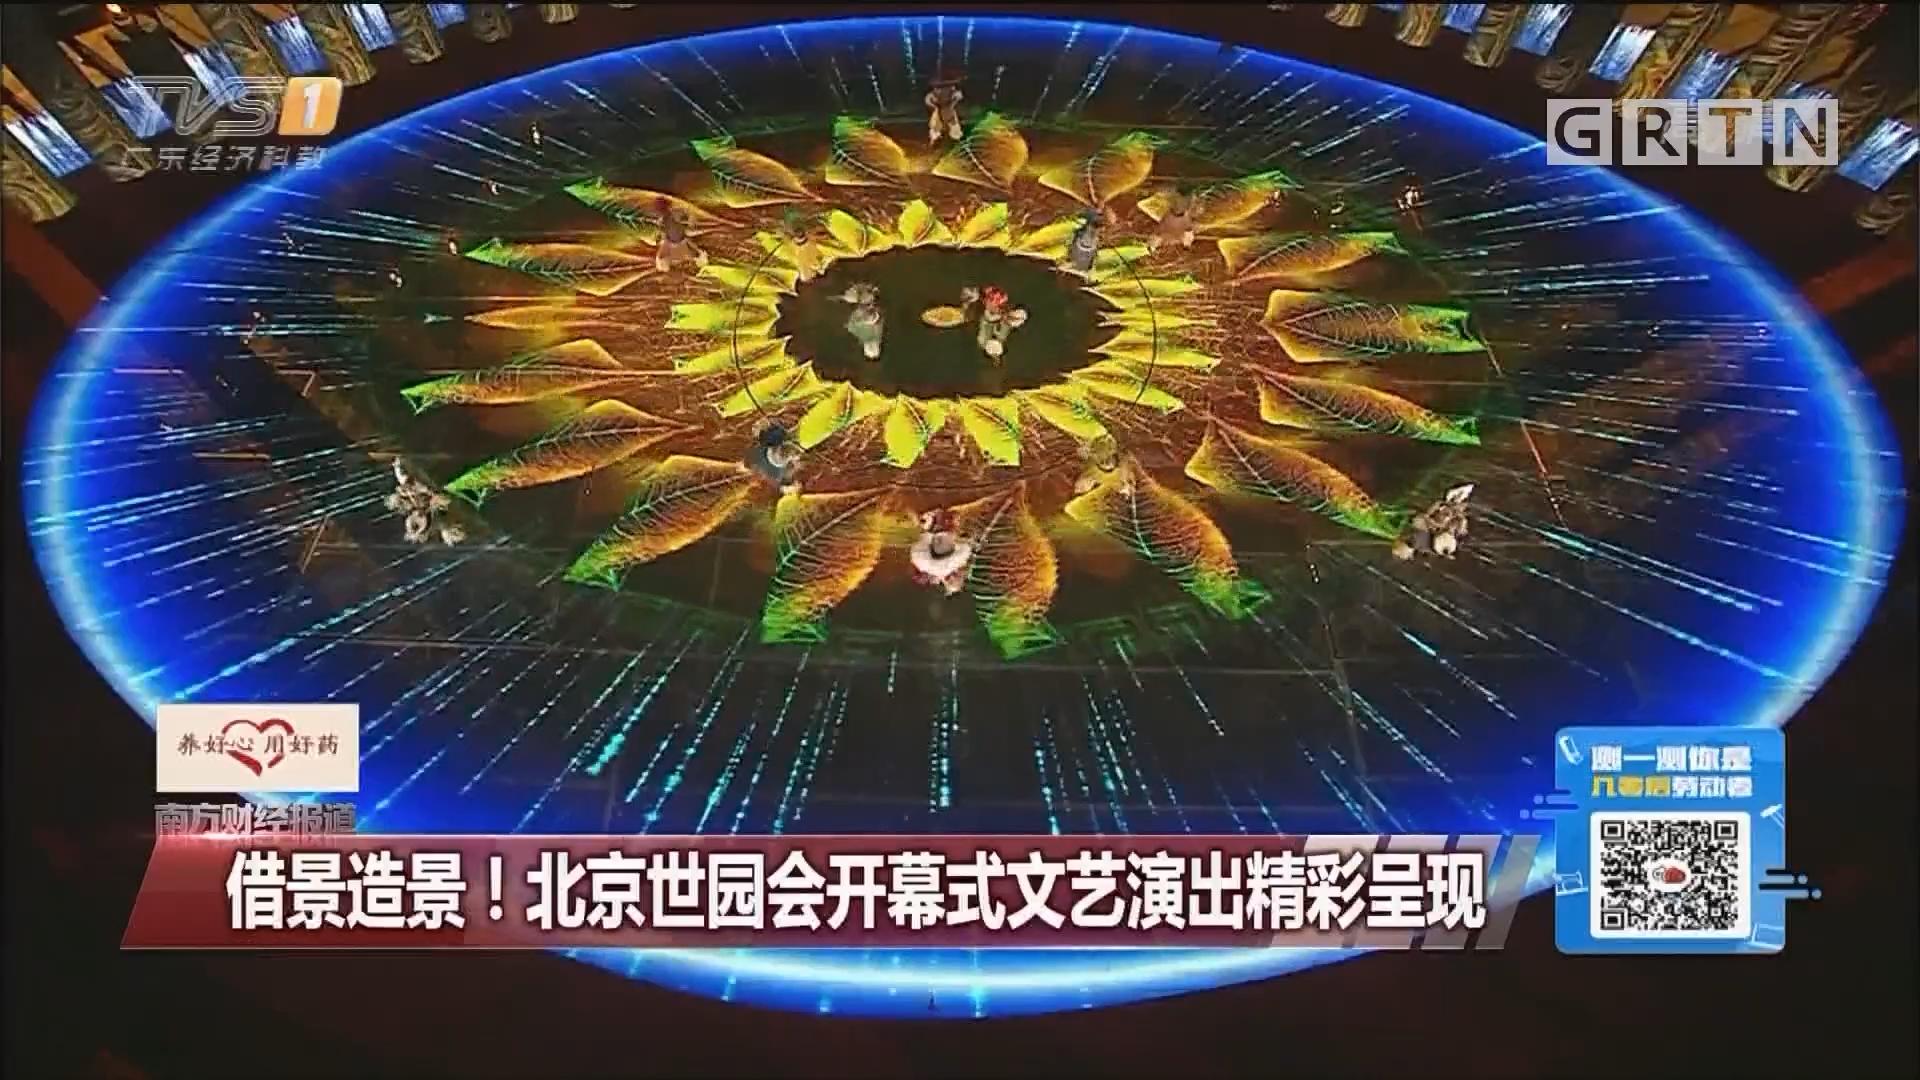 借景造景!北京世园会开幕式文艺演出精彩呈现